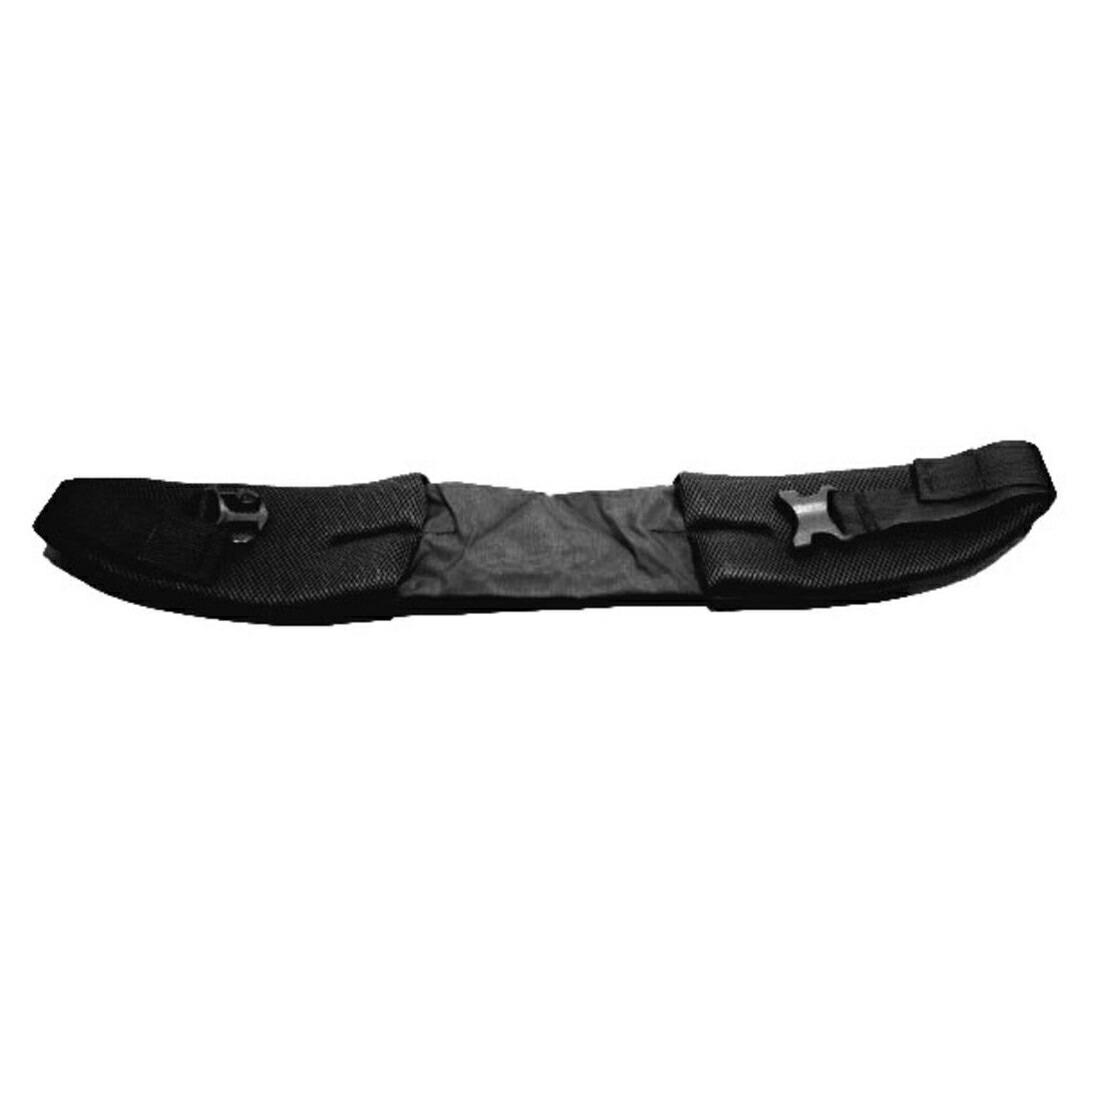 ミステリーランチ アーバンアサルトウエストベルト バッグ オプションリュックサック バッグ  国内正規品